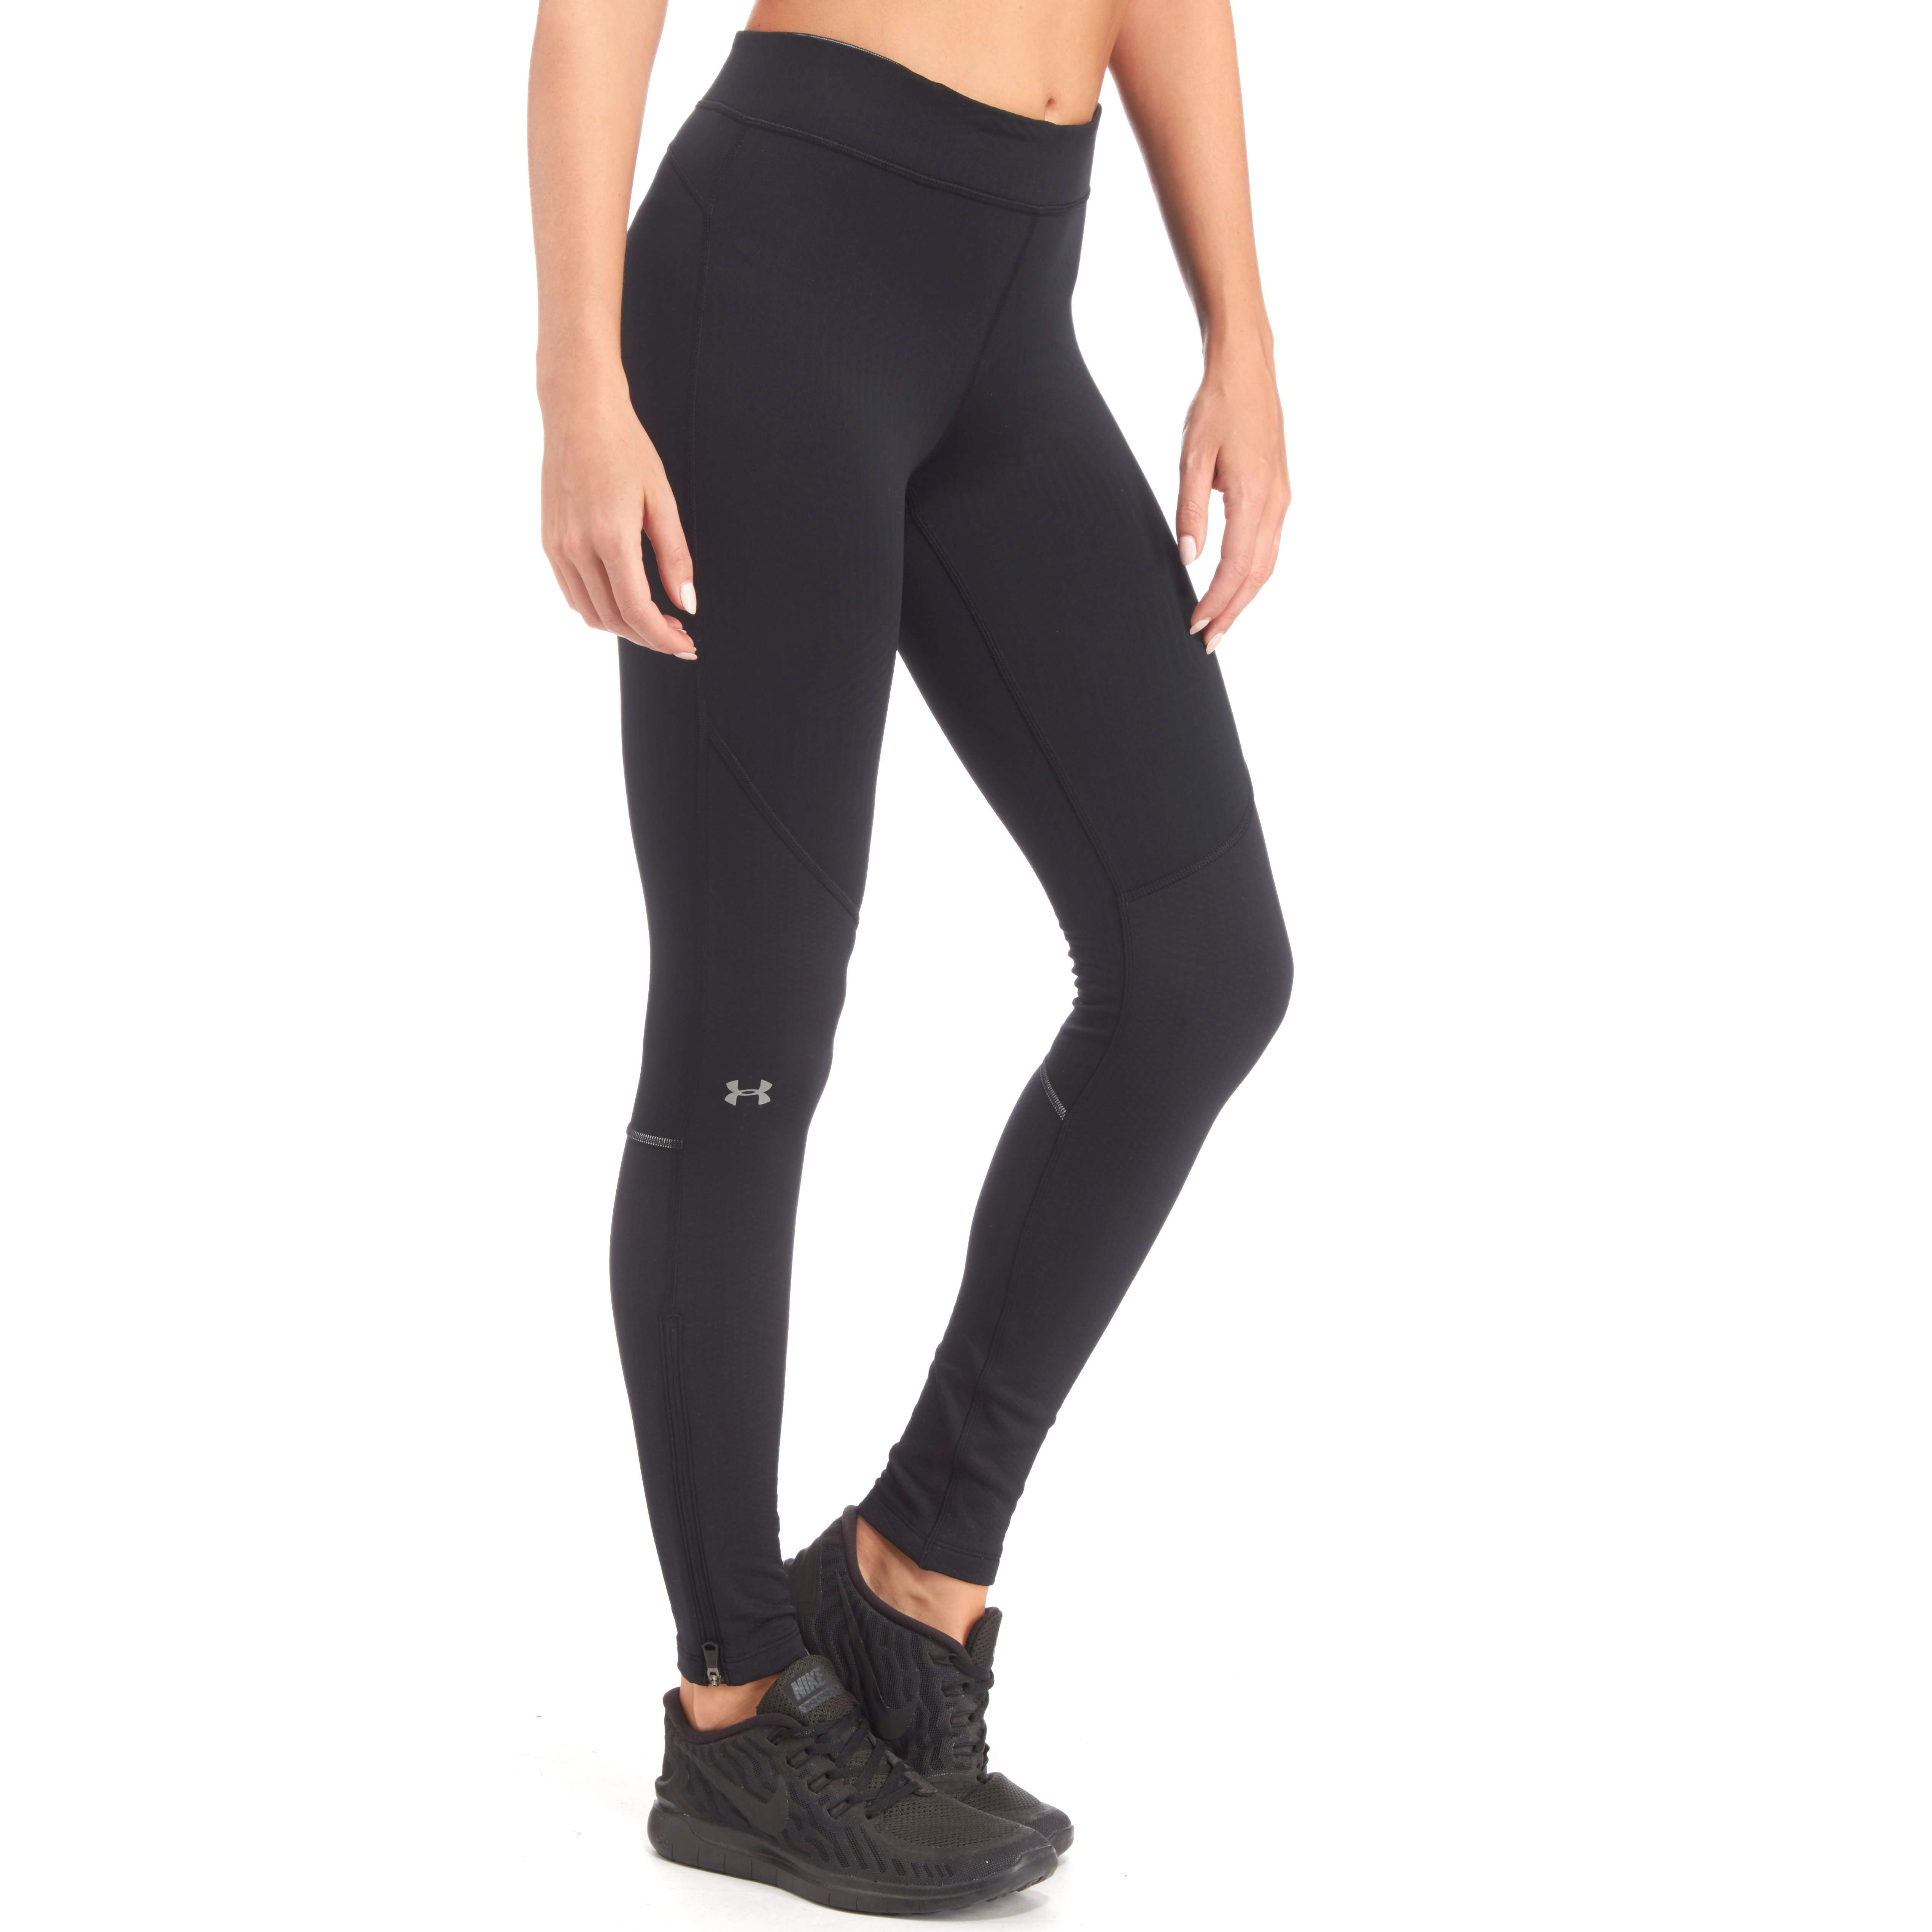 UNDER ARMOUR Women's UA ColdGear Elements Leggings